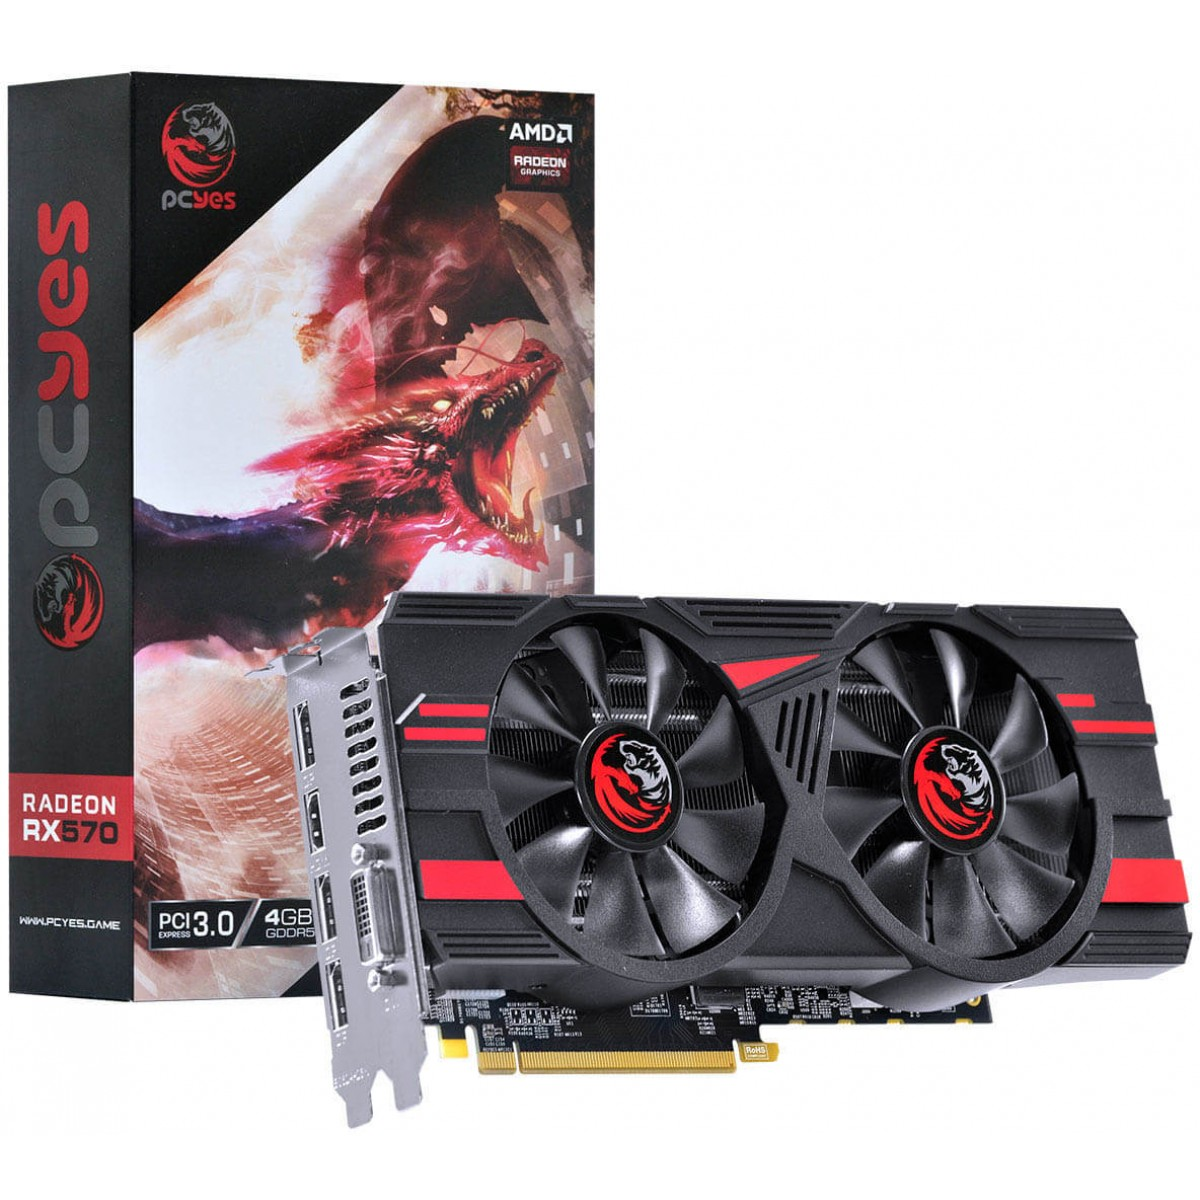 Placa de Vídeo PCyes, Radeon, RX 570, Dual, 4GB, GDDR5, 256Bit, PJ570RX256GD5